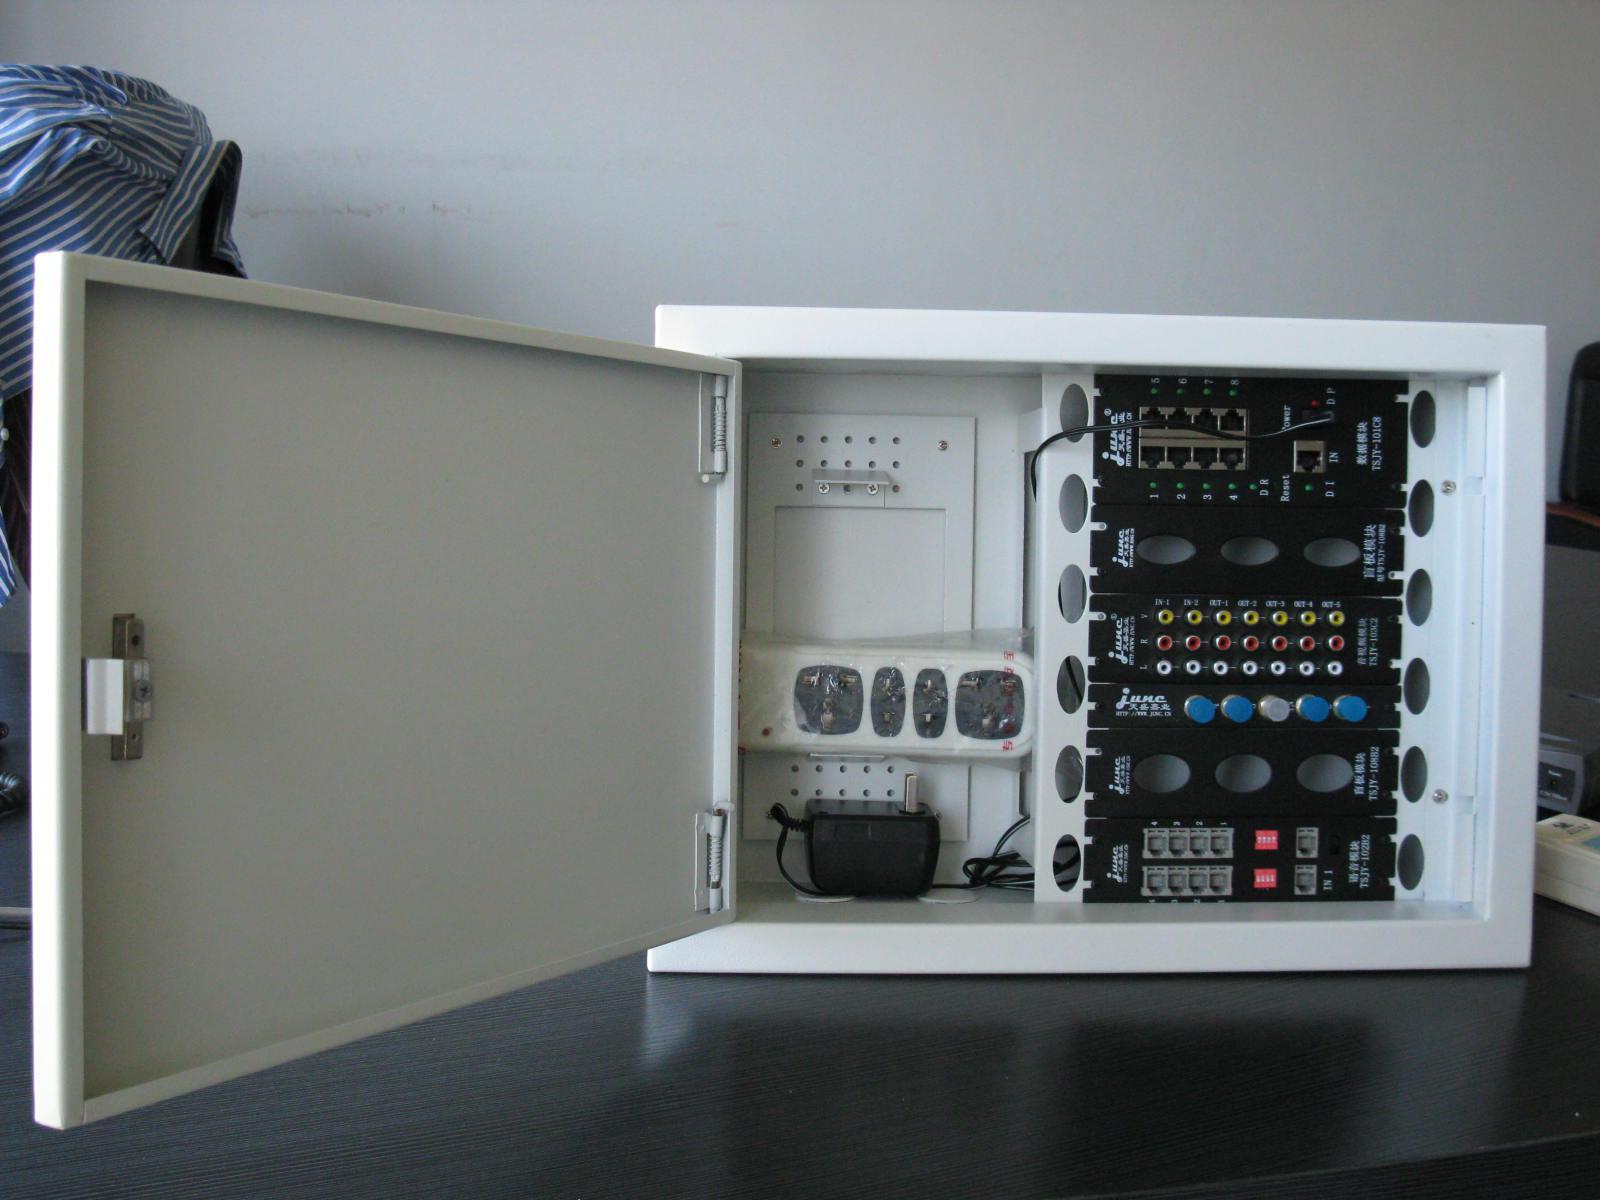 弱电箱_弱电箱网线安装图解_装修弱电箱网线连接